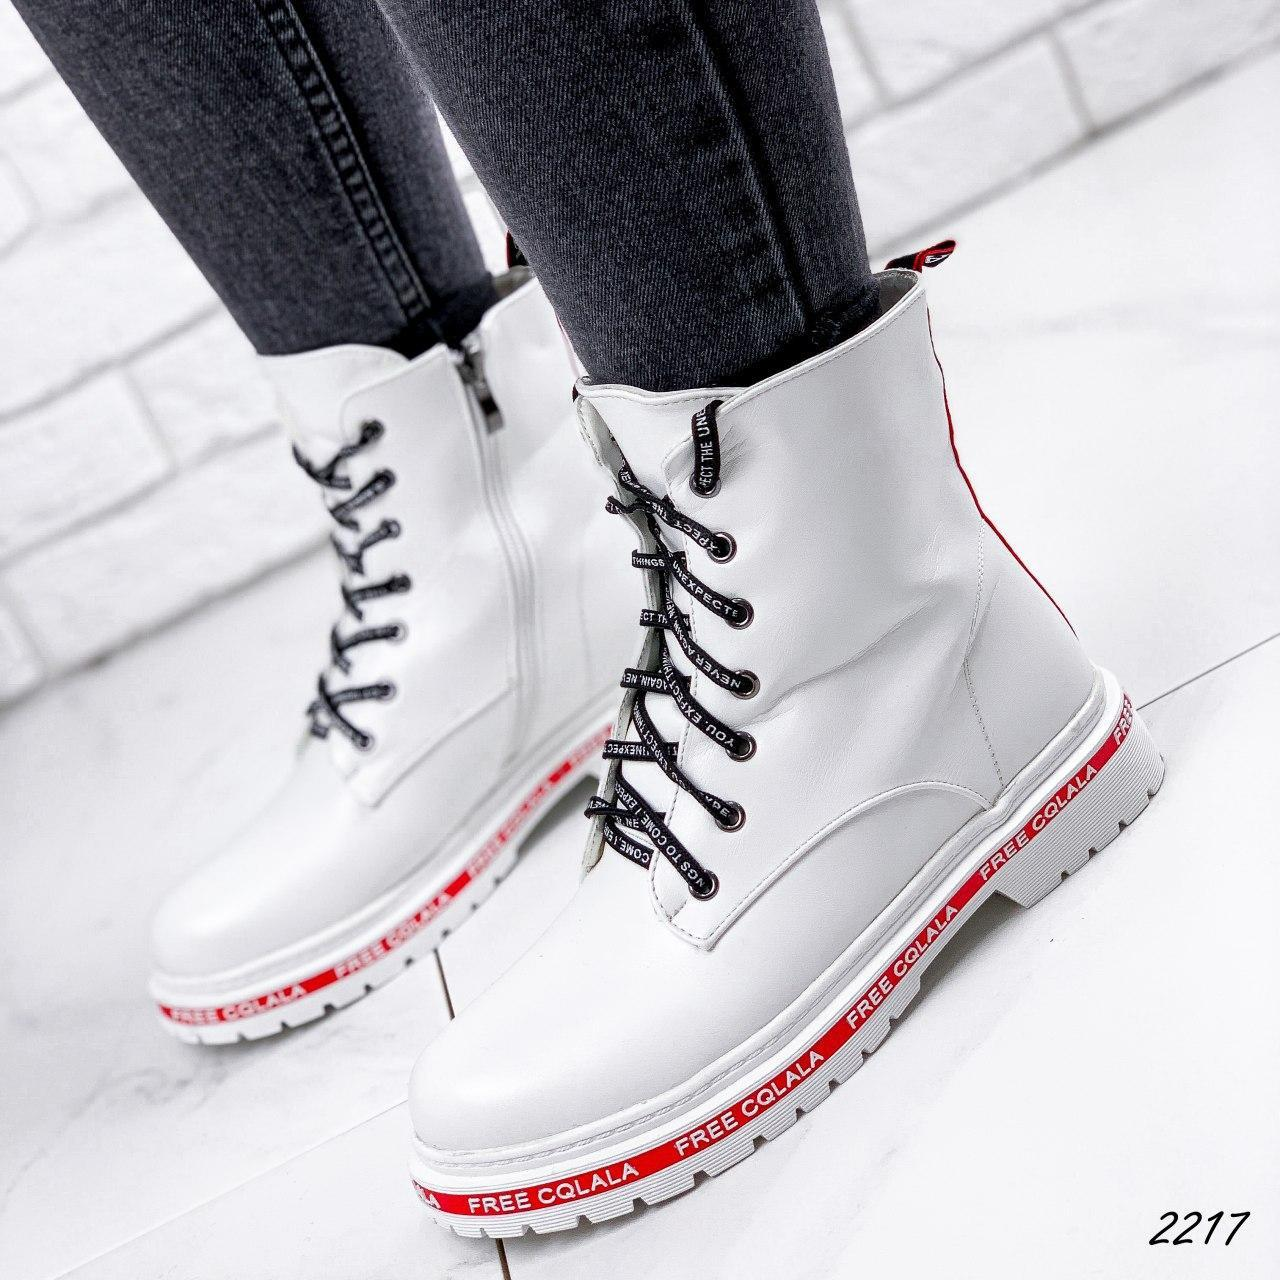 Ботинки женские белые, зимние из эко кожи. Черевики жіночі теплі білі з еко шкіри